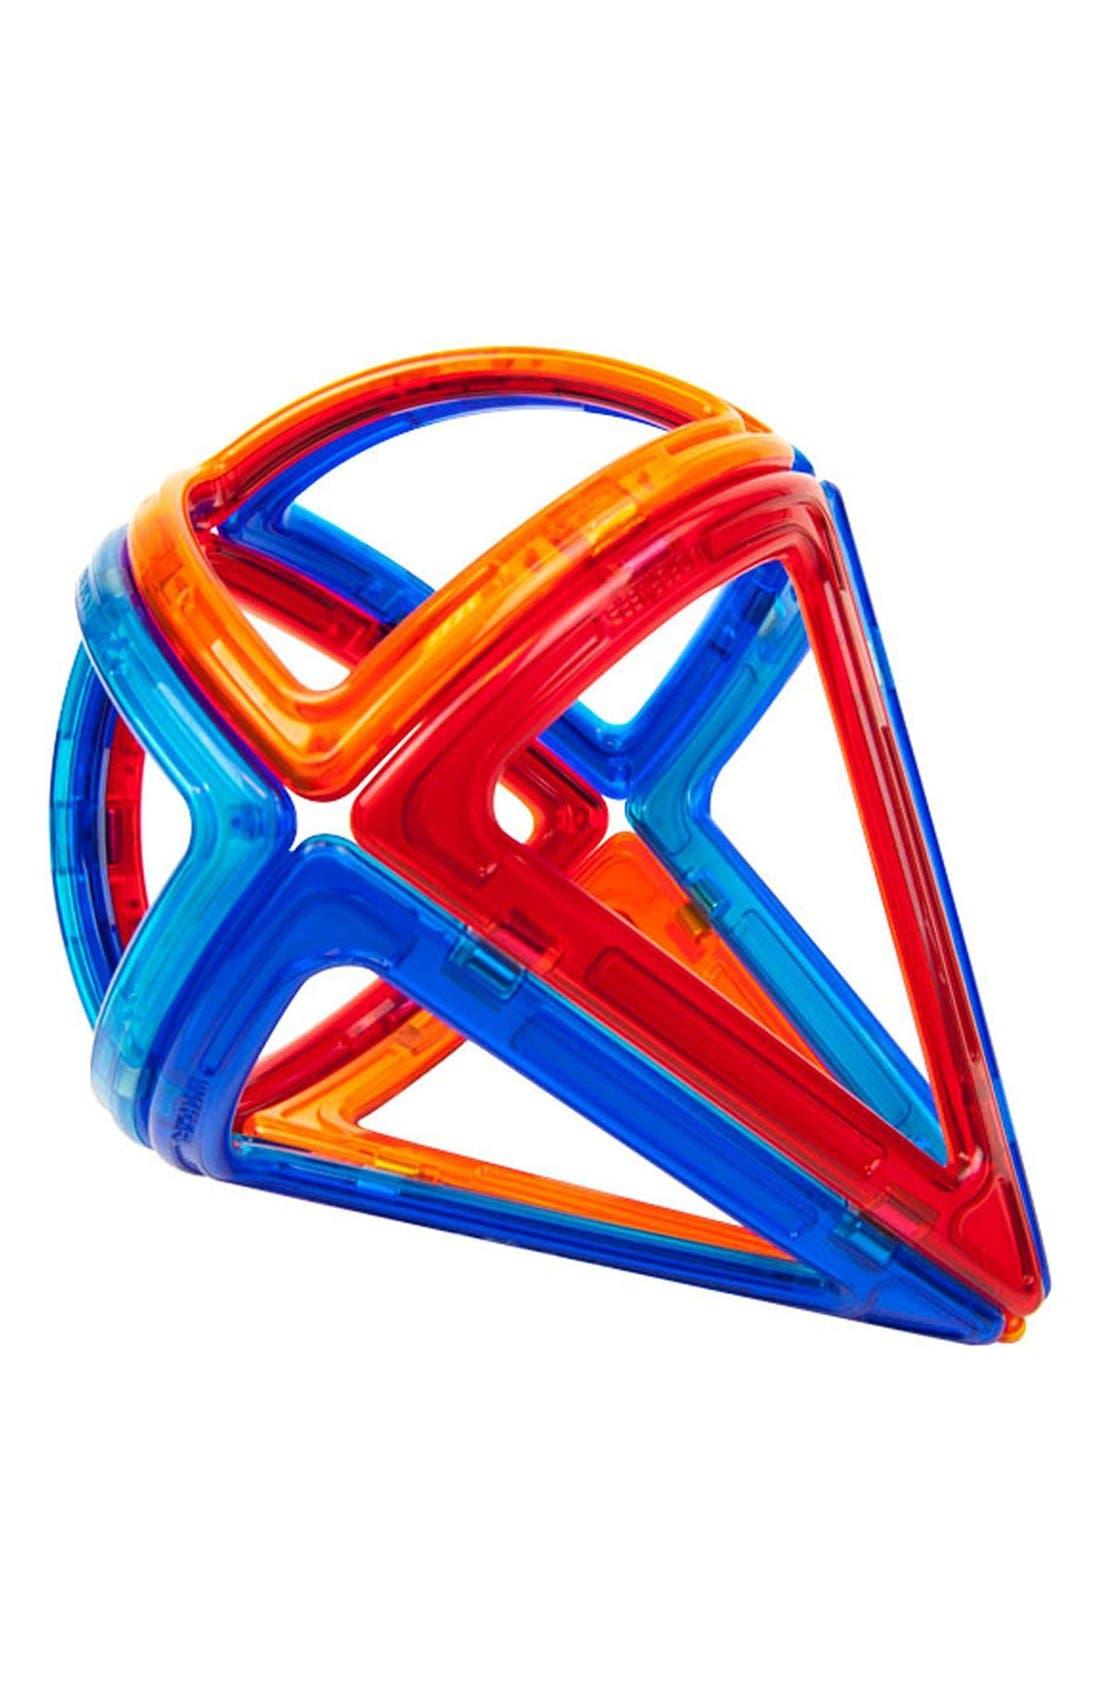 'Creator - Unique' Magnetic 3D Construction Set,                             Alternate thumbnail 6, color,                             Rainbow